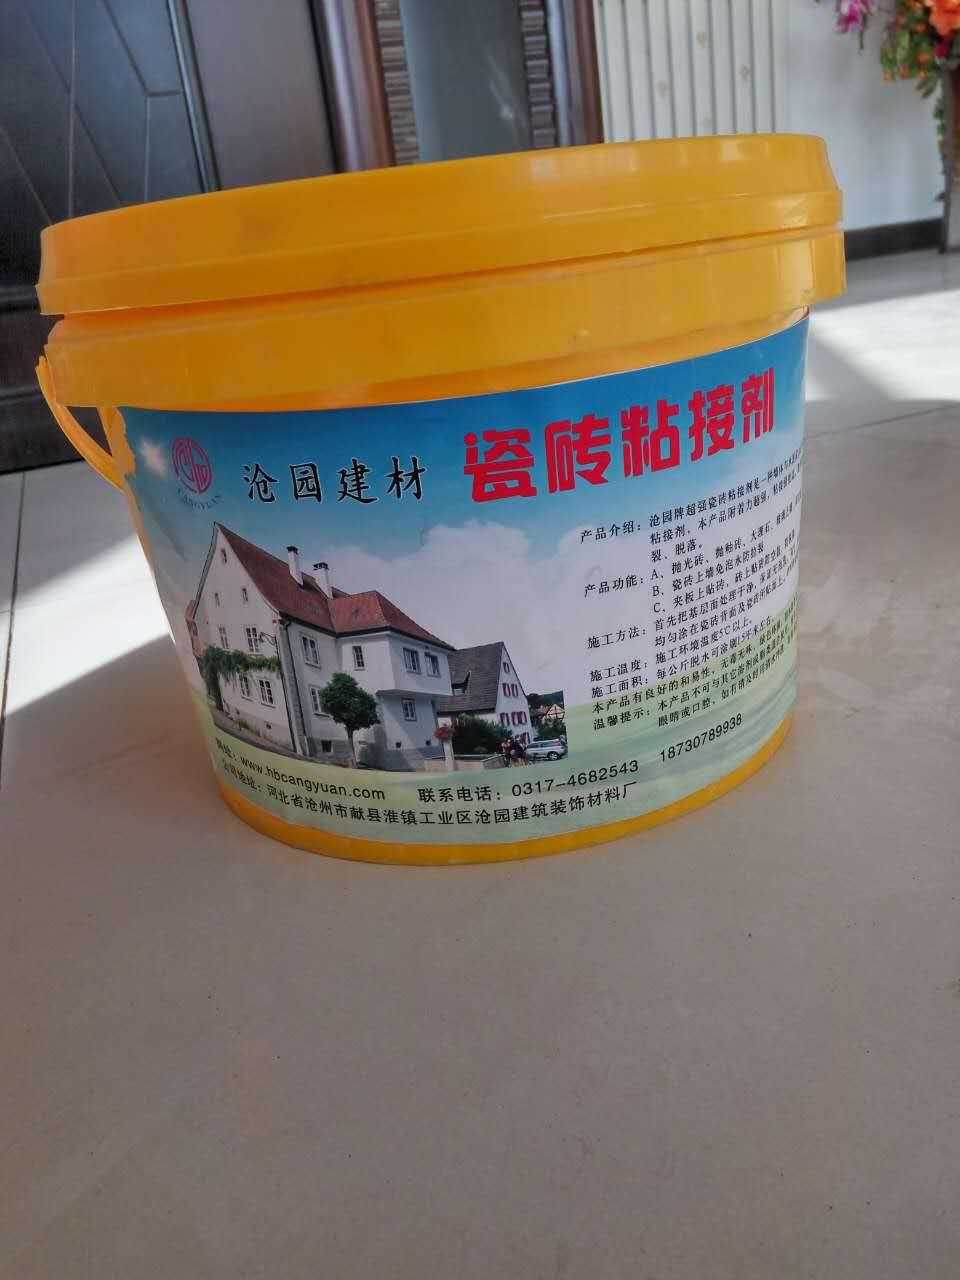 河北瓷砖粘接剂批发 瓷砖粘接剂价格 瓷砖粘接剂厂家直销 河北瓷砖粘接剂生产厂家